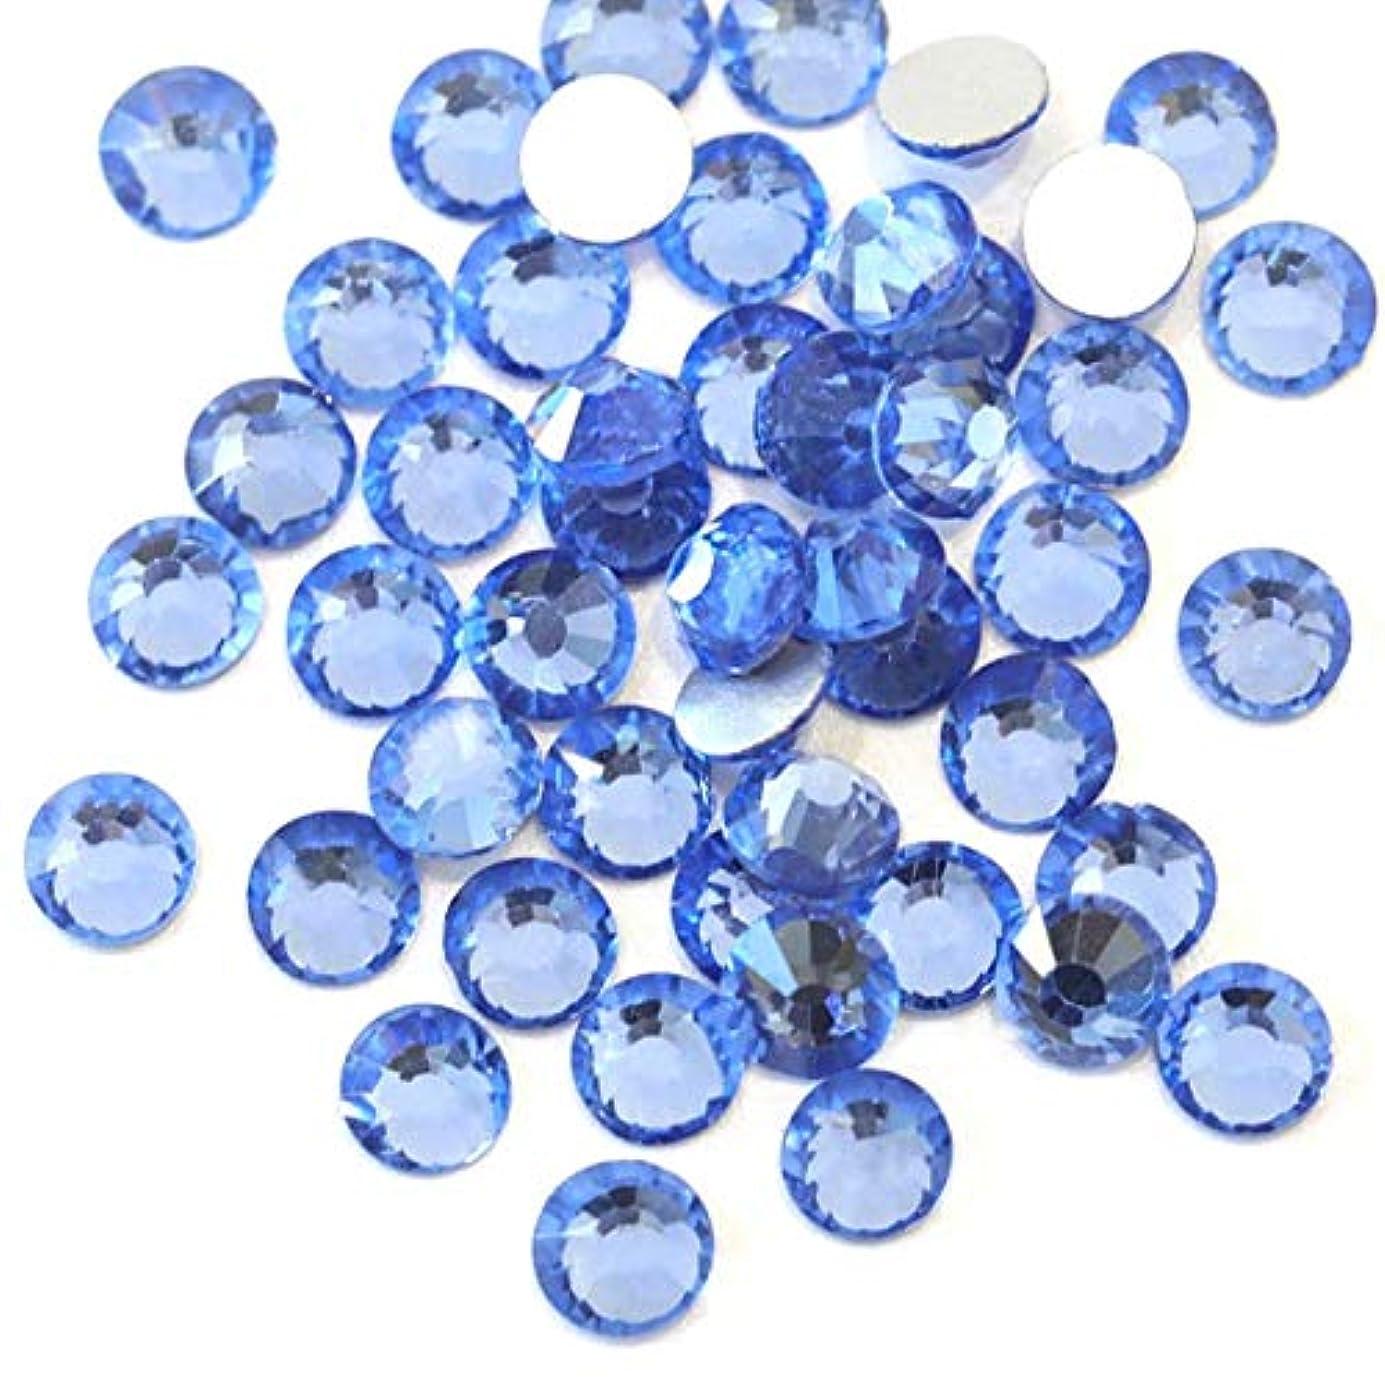 機構草前者【ラインストーン77】高品質ガラス製ラインストーン ライトサファイア(1.5mm (SS4) 約200粒)